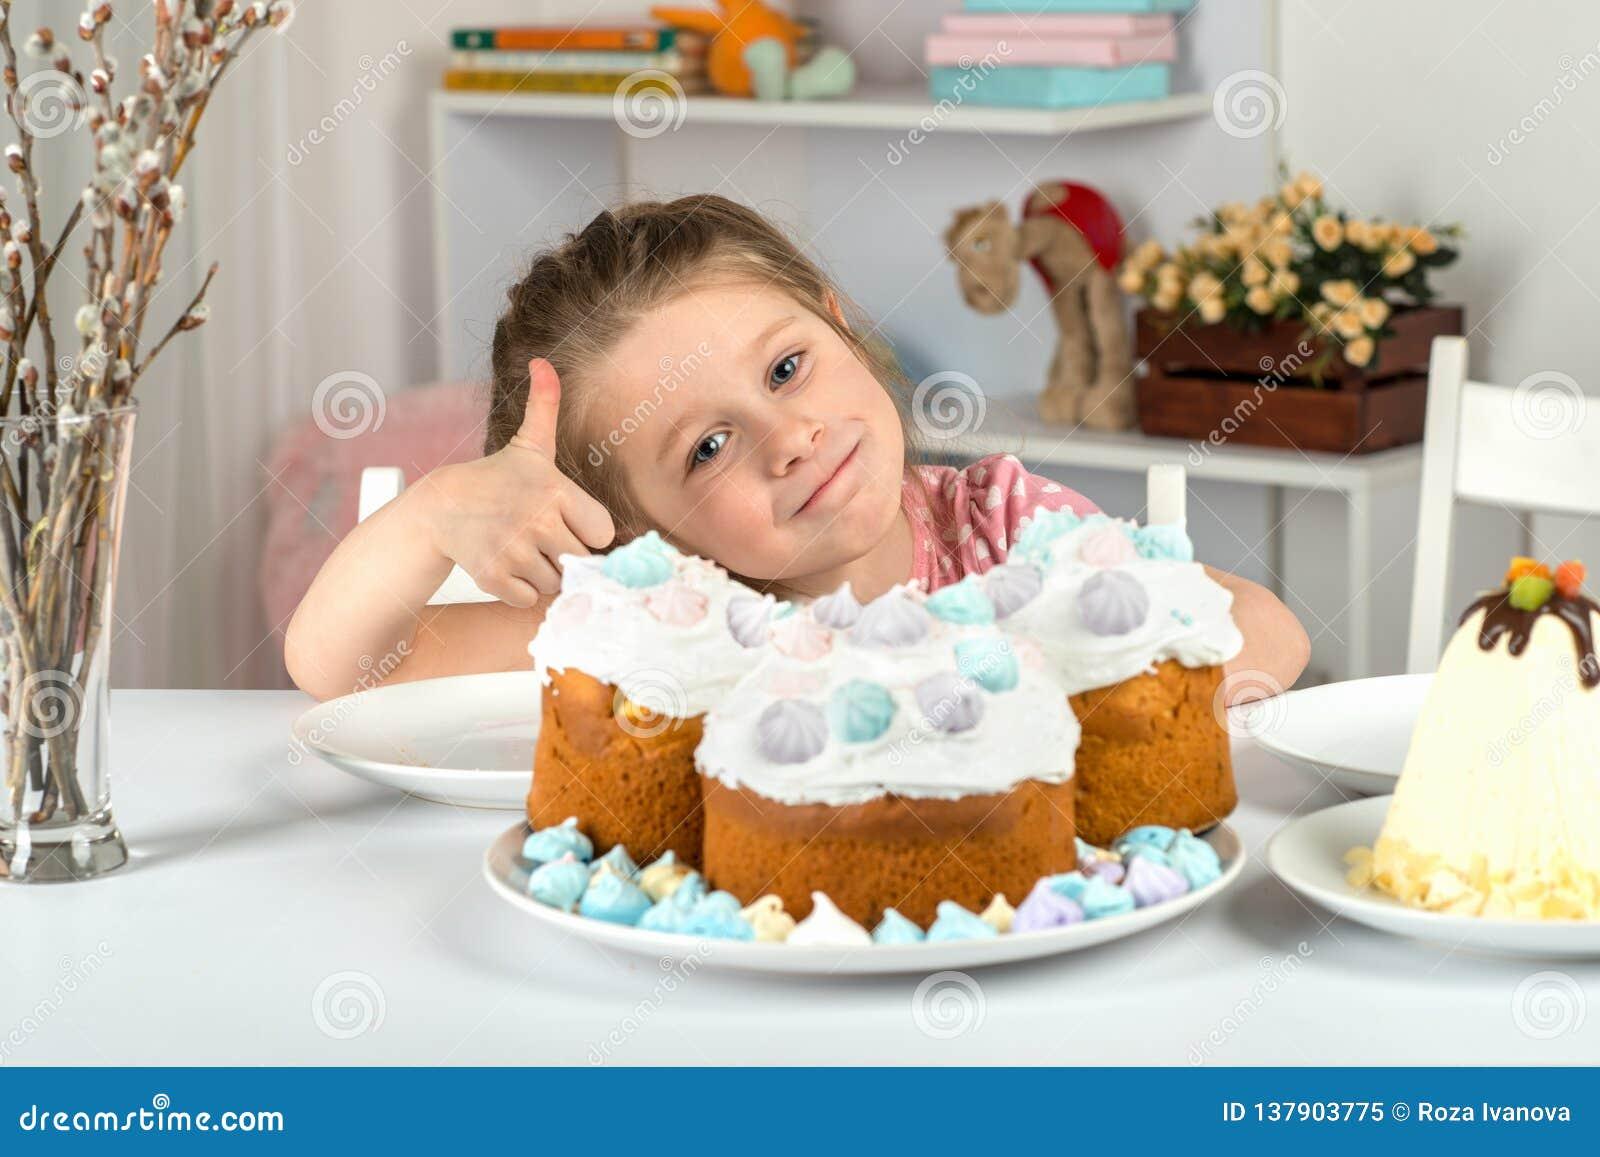 Studio strzał małej dziewczynki obsiadanie przy stołem z Wielkanocnymi tortami Pokazuje kciuk w górę gesta że wielkanoc tort jest